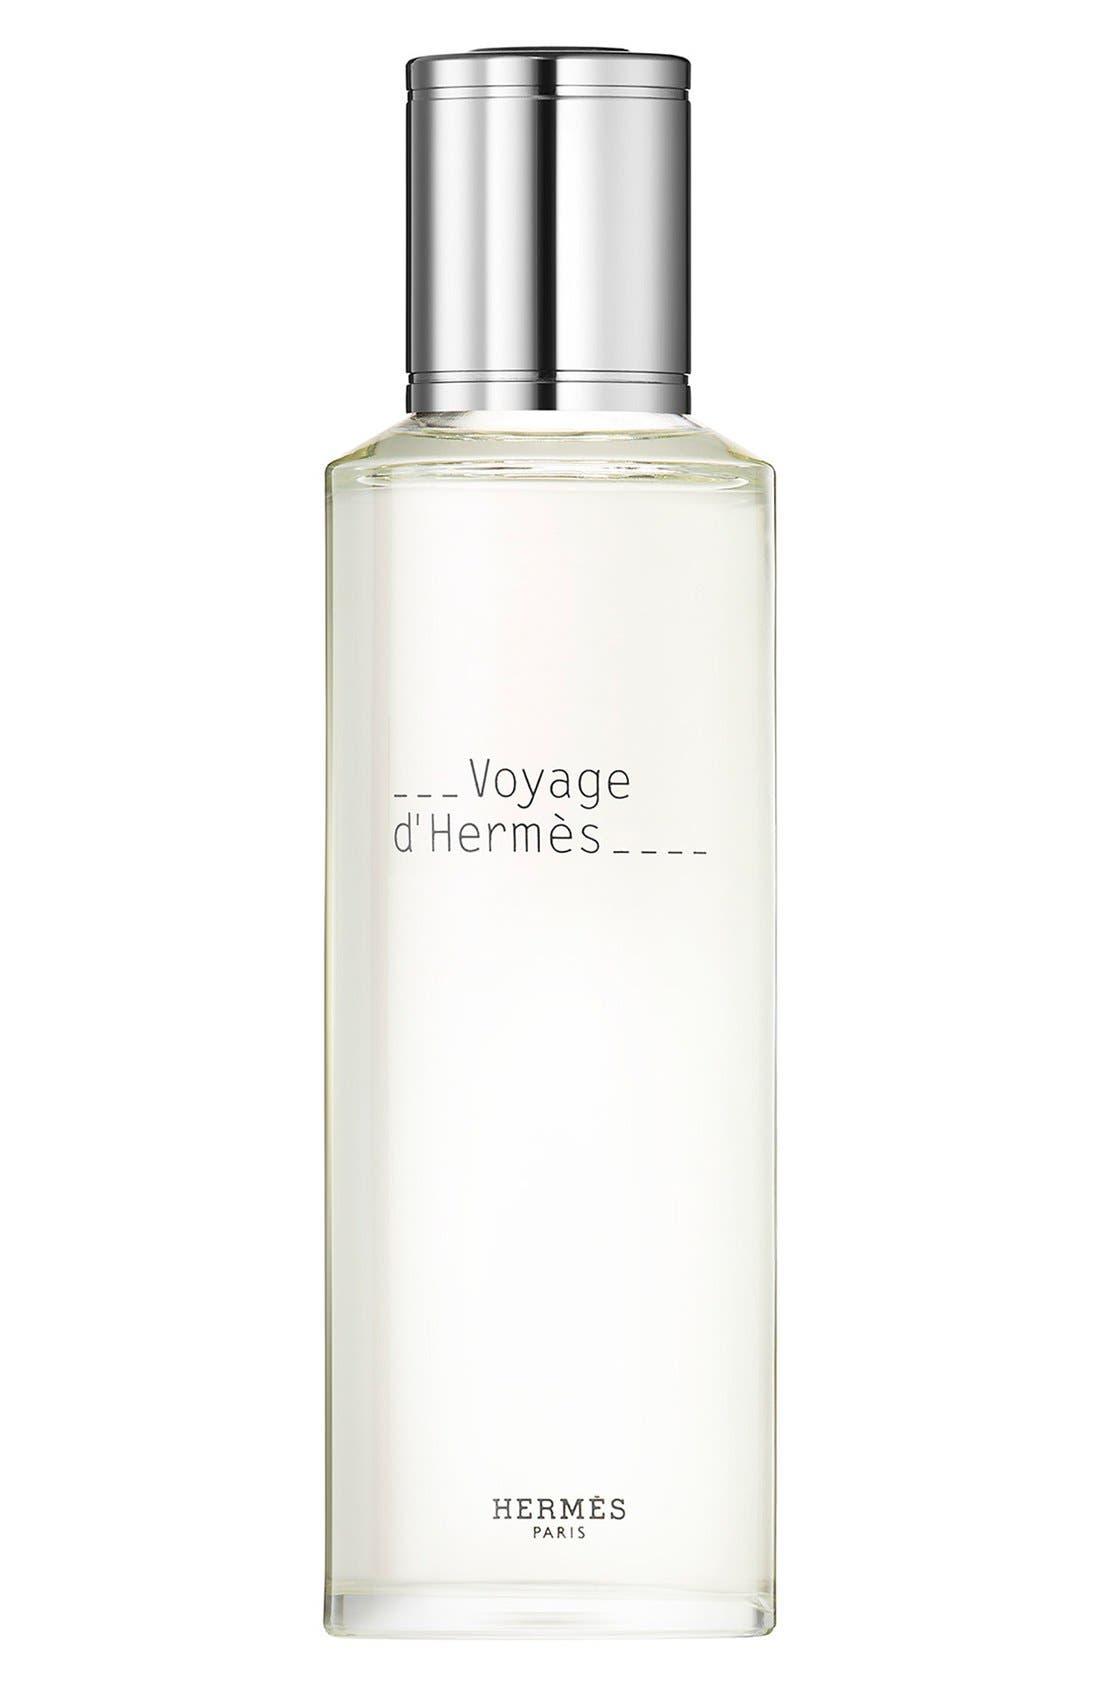 Hermès Voyage d'Hermès - Eau de toilette refill,                             Main thumbnail 1, color,                             000